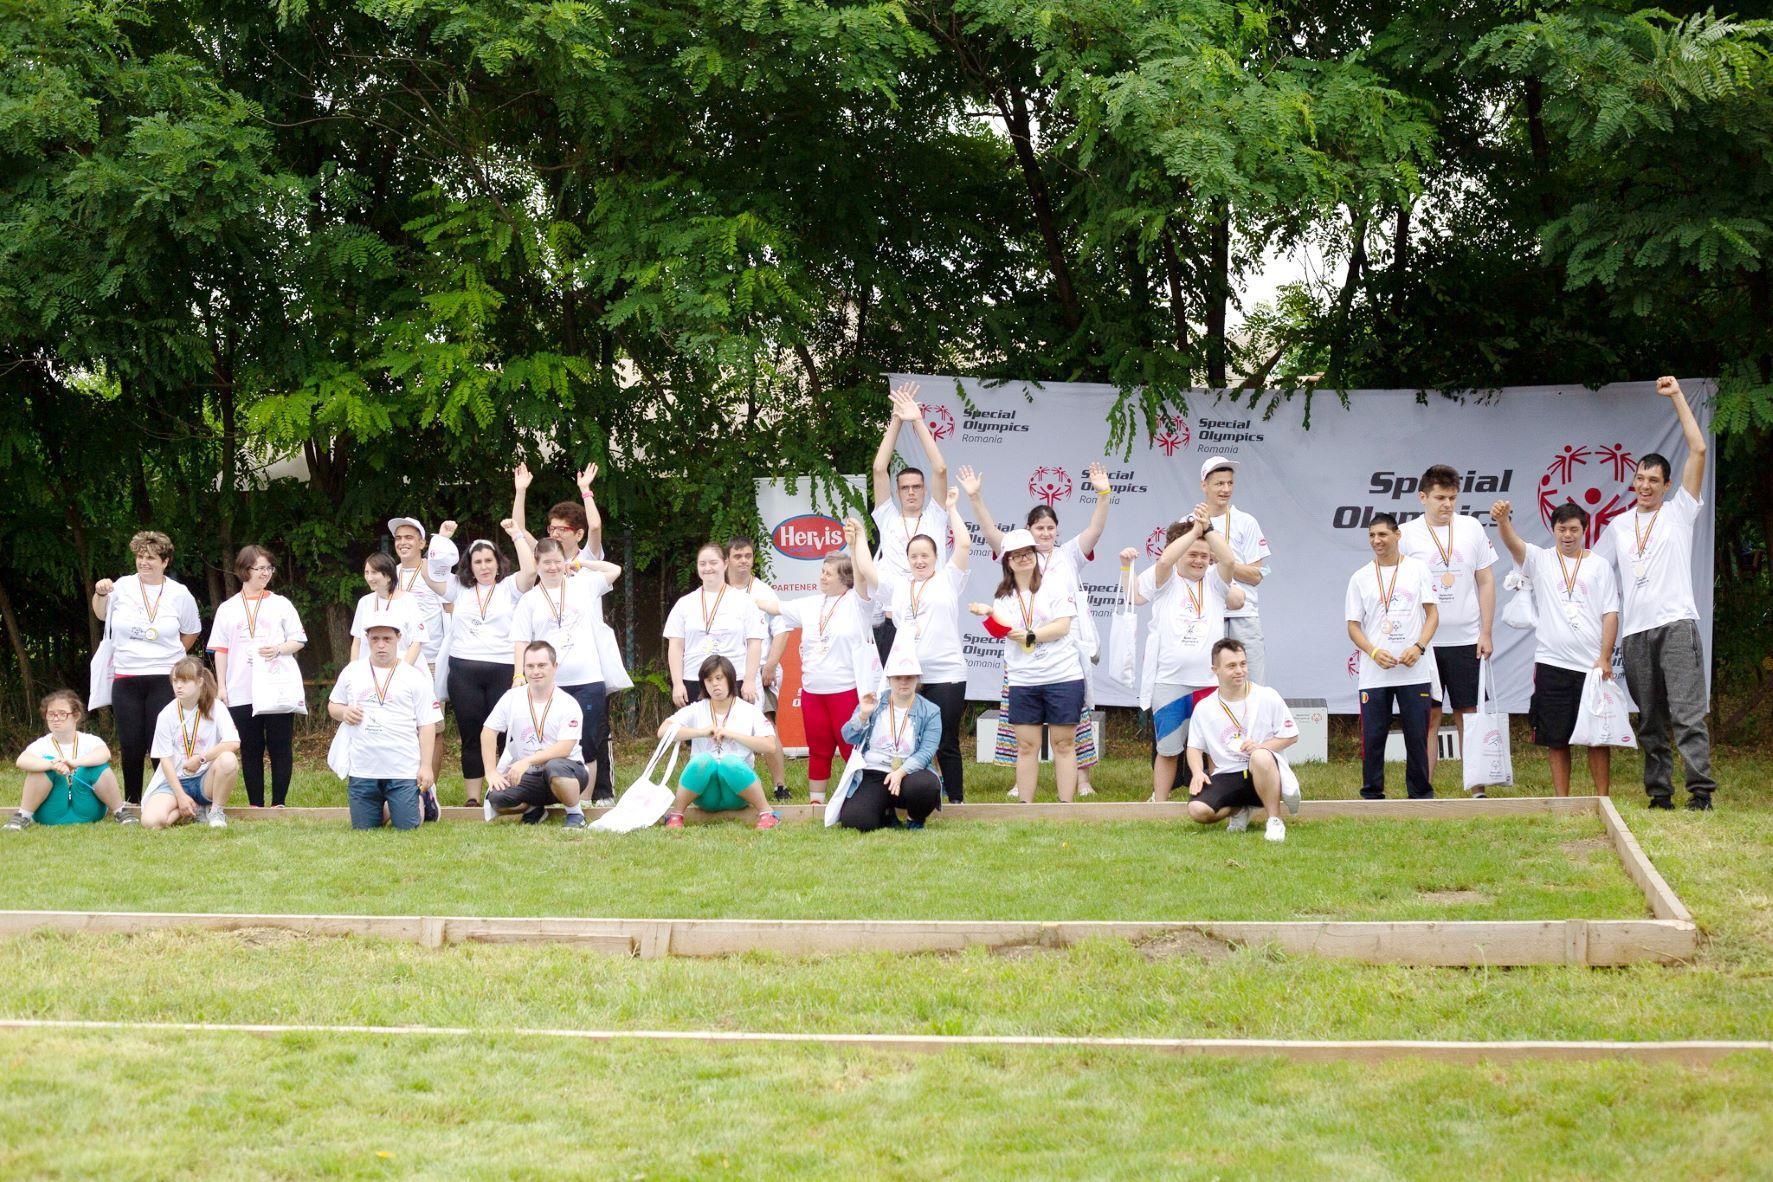 Competiție de Bocce – primul eveniment Special Olympics România desfășurat față în față de la începutul pandemiei, cu sprijinul partenerului tehnic - Hervis Sports & Fashion